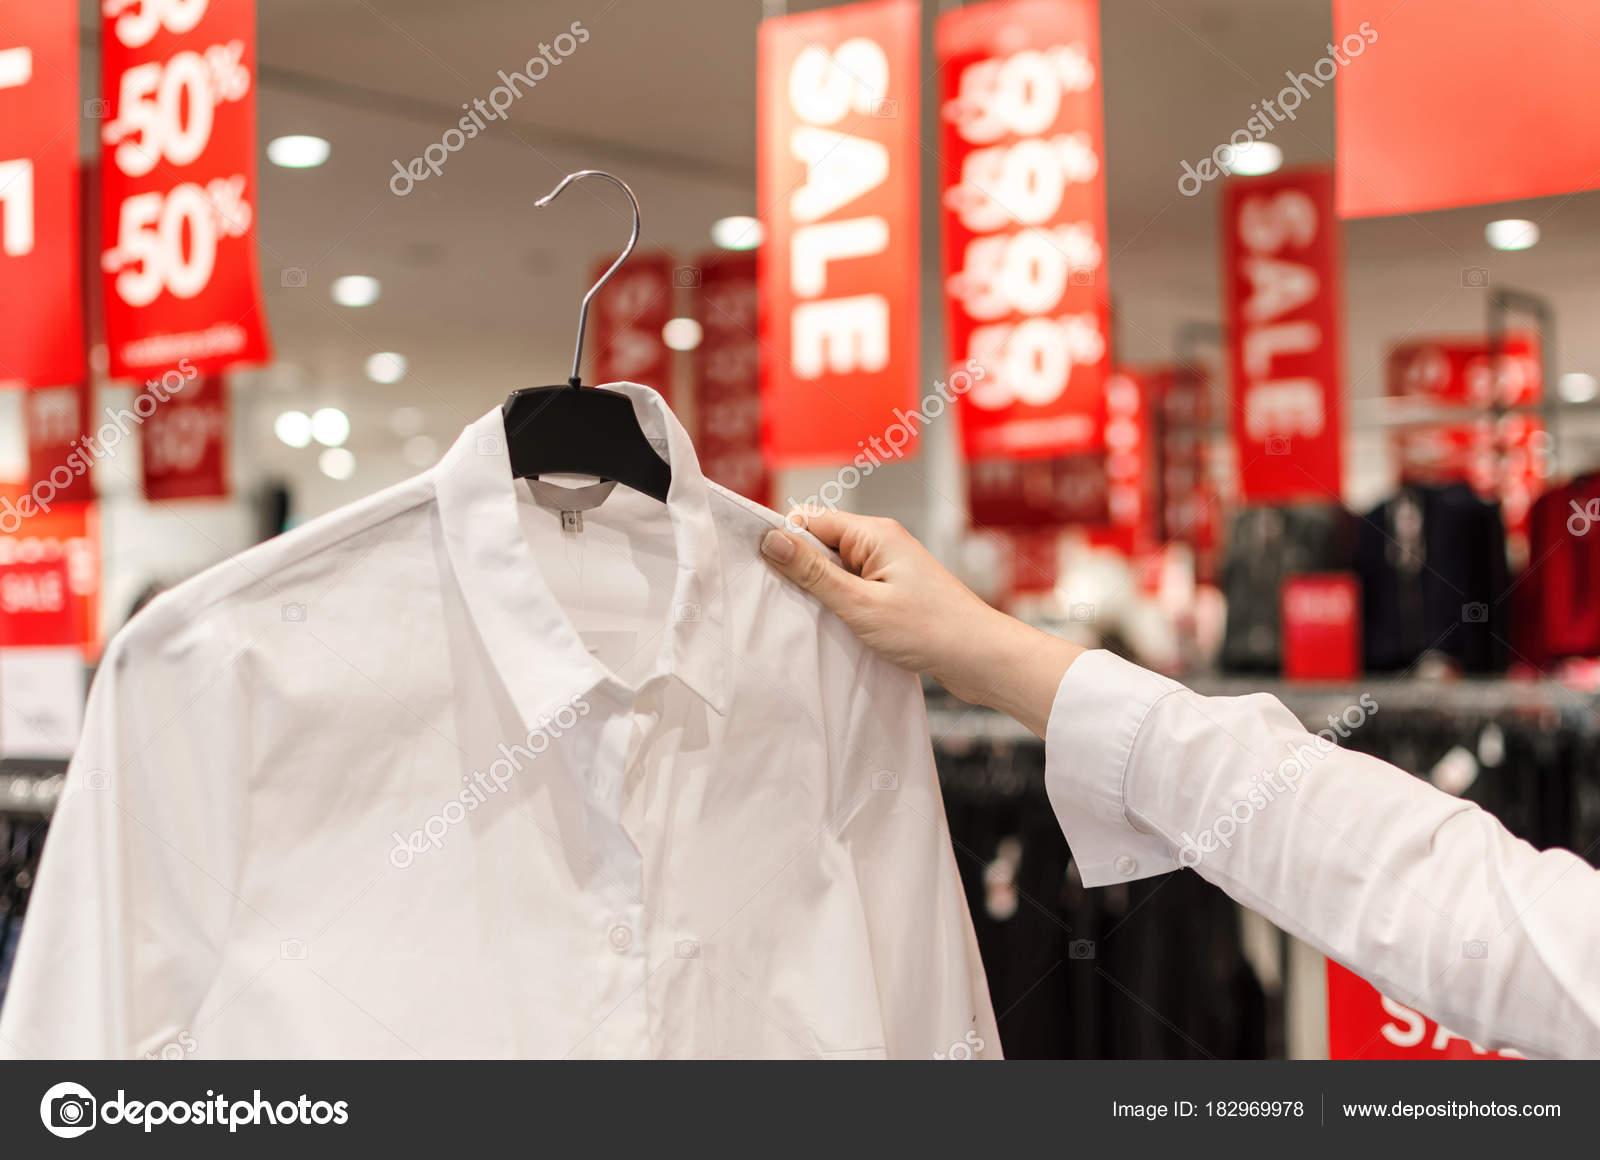 Store diks.com